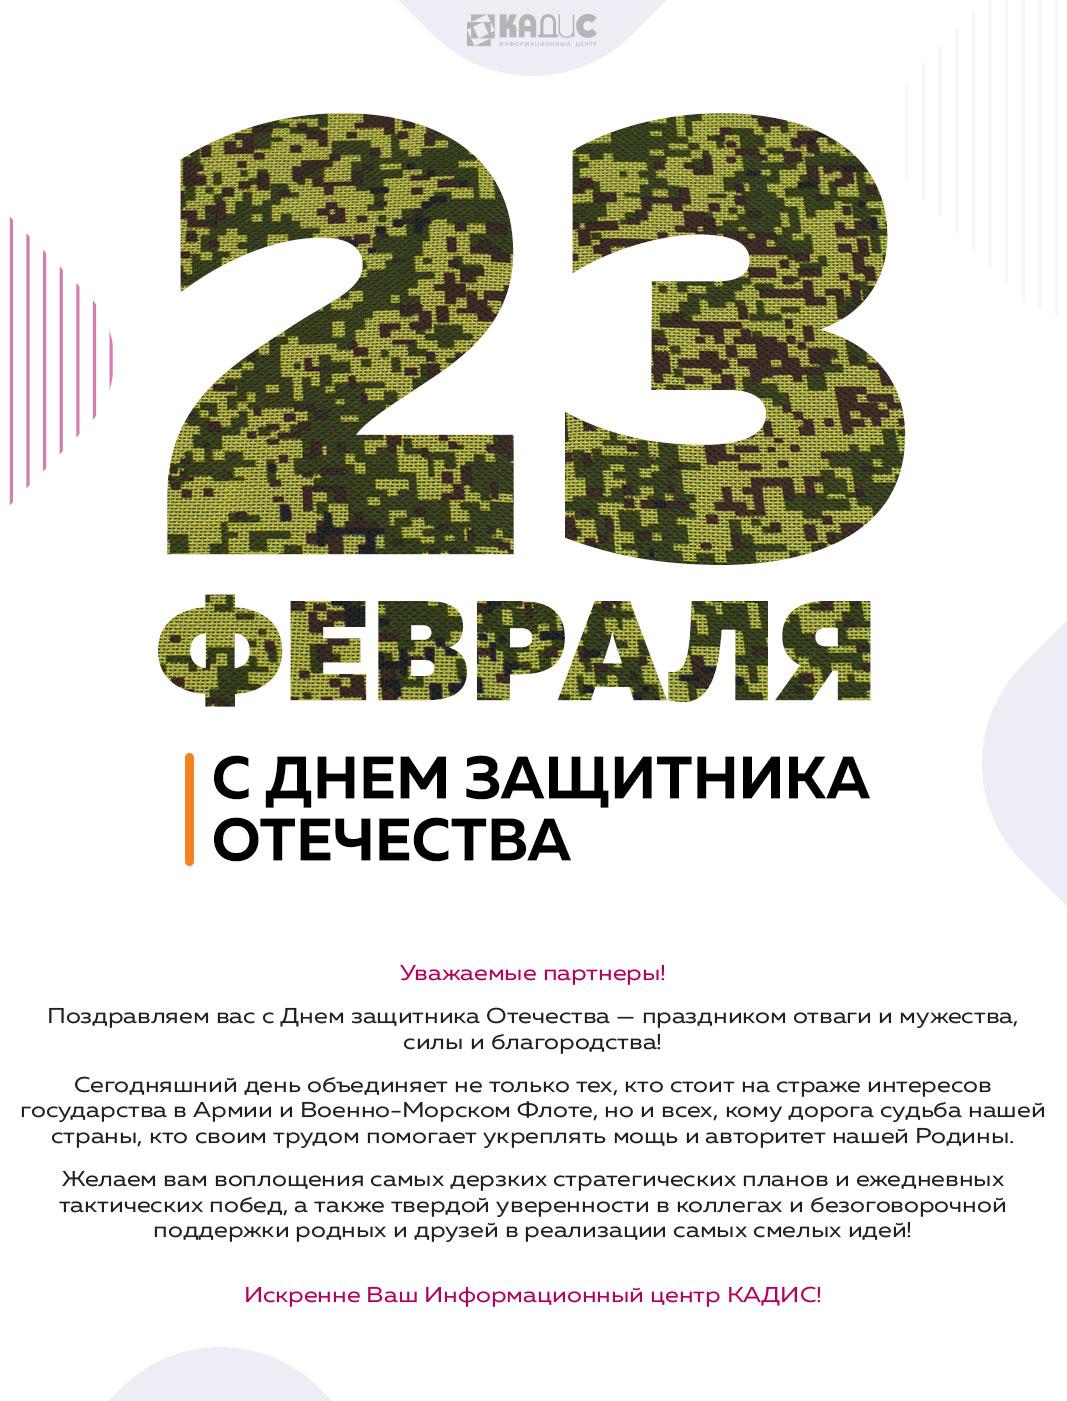 С Днем защитника Отечества  - 23февраля_4.jpg